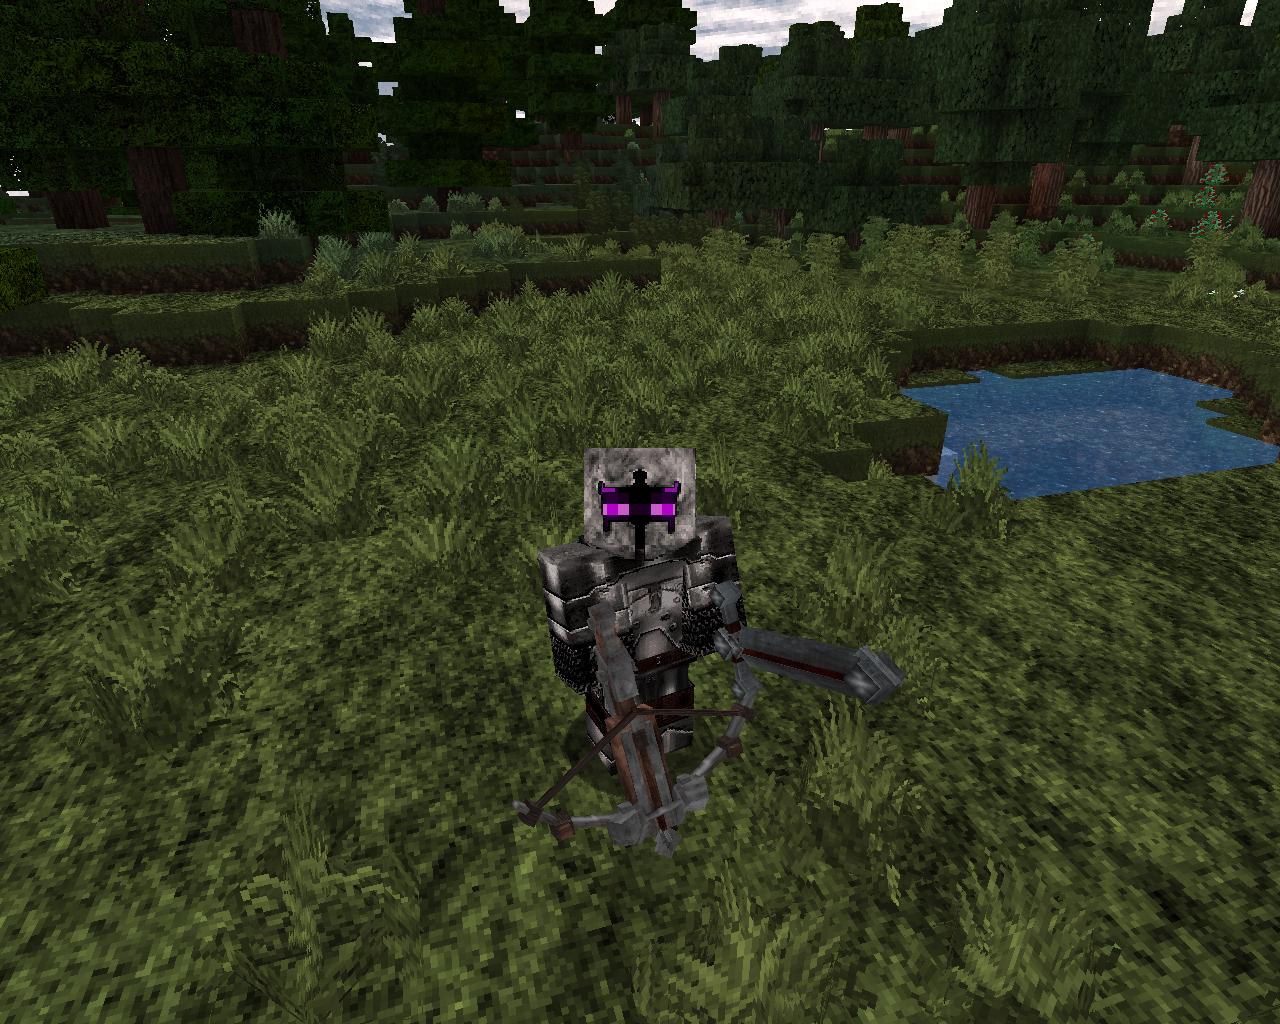 personnage minecraft avec les armes et armures de Vonafarth